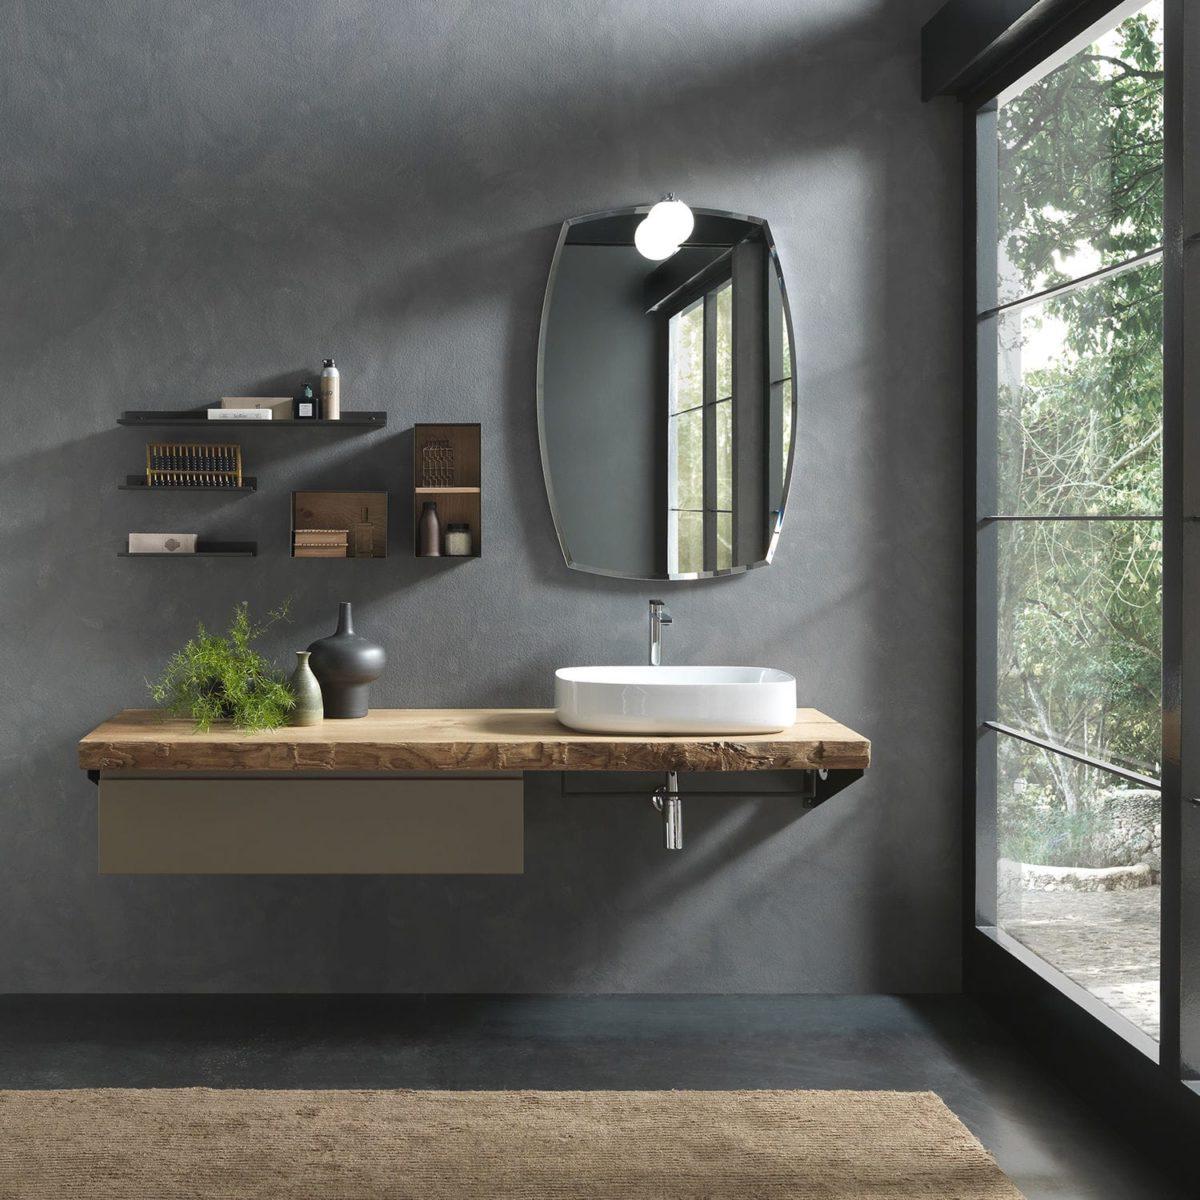 idee-lavabo-appoggio